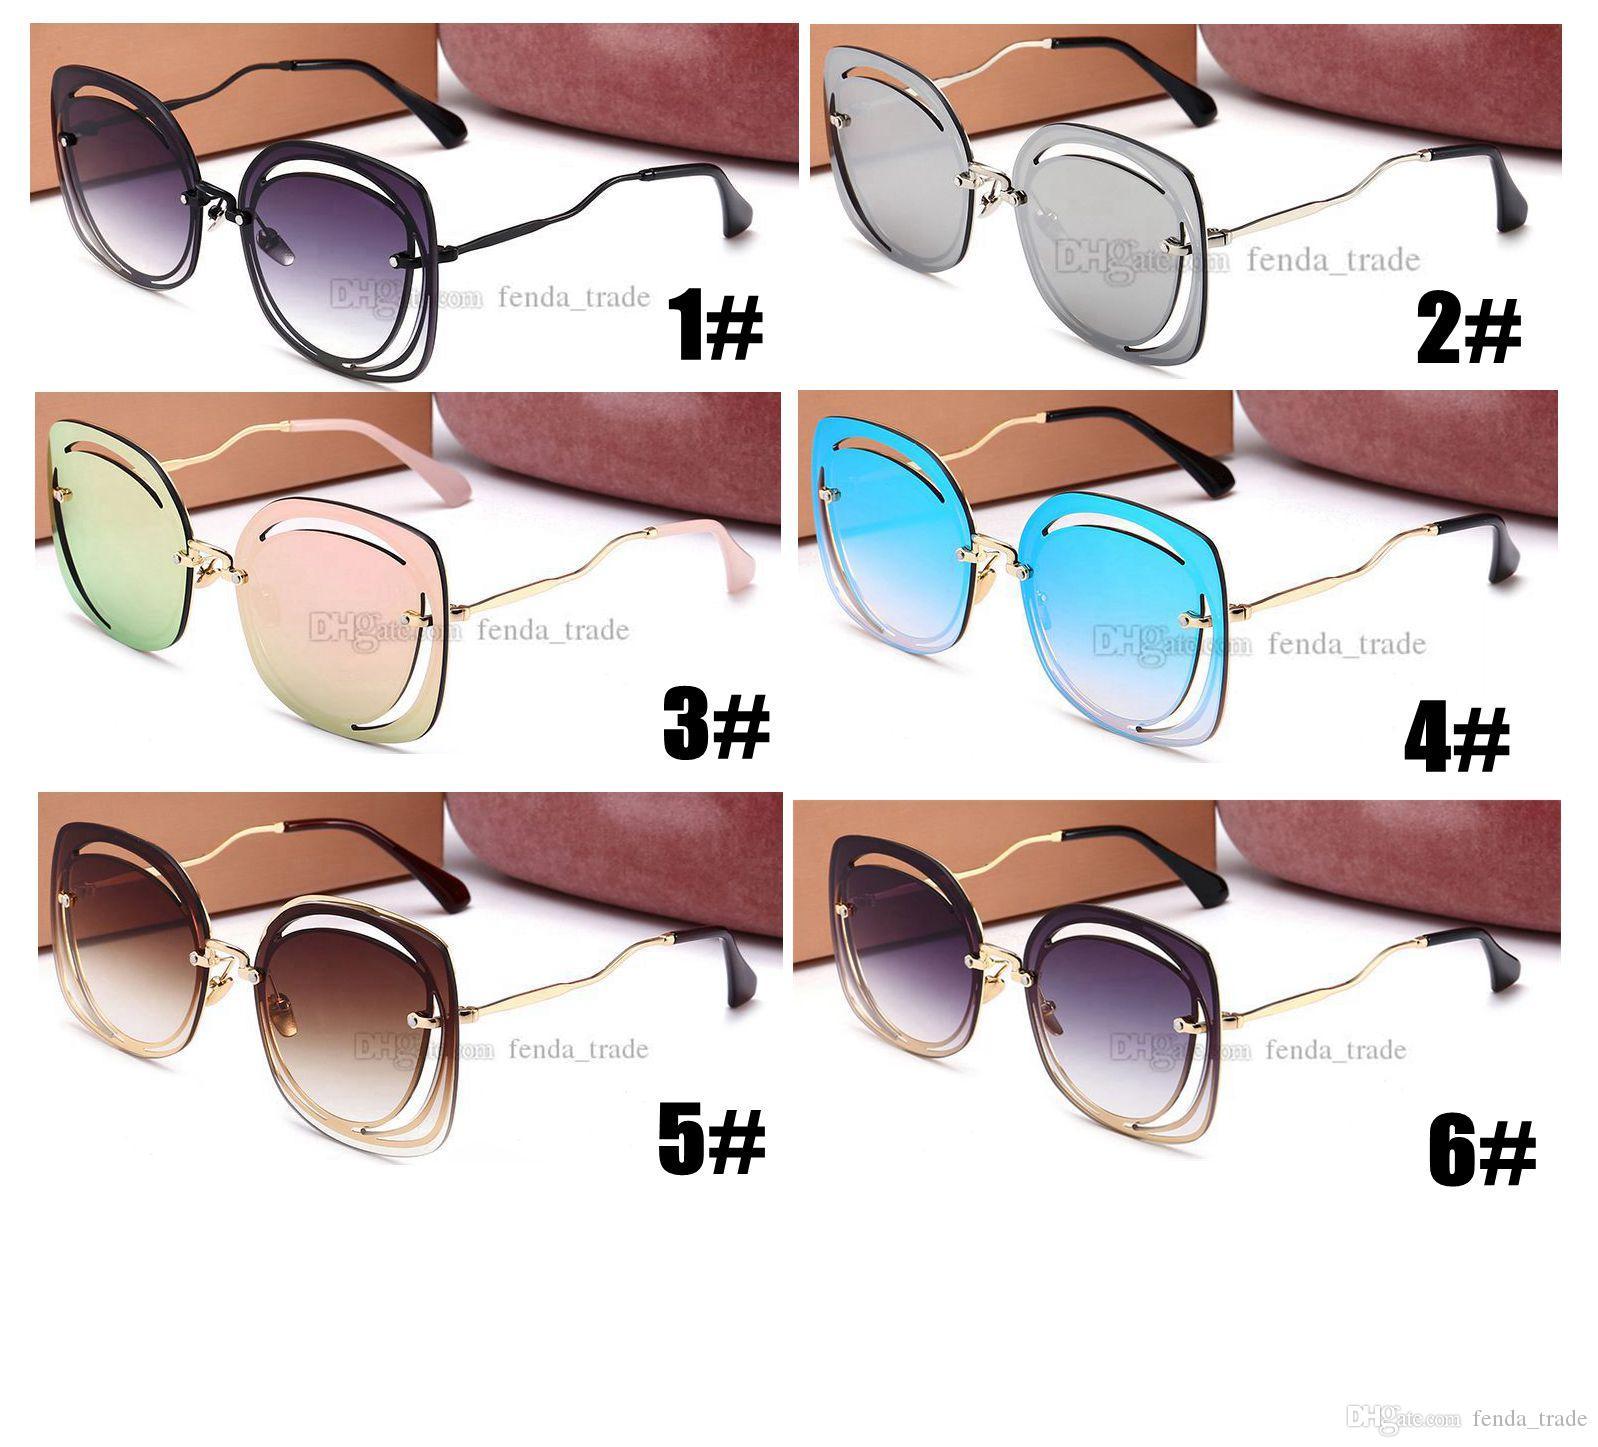 Runde aushöhlen vintage fashion hot designer rose gold spiegel sonnenbrille für frauen metall reflektierende uv400 objektiv sonnenbrille weibliche oculos